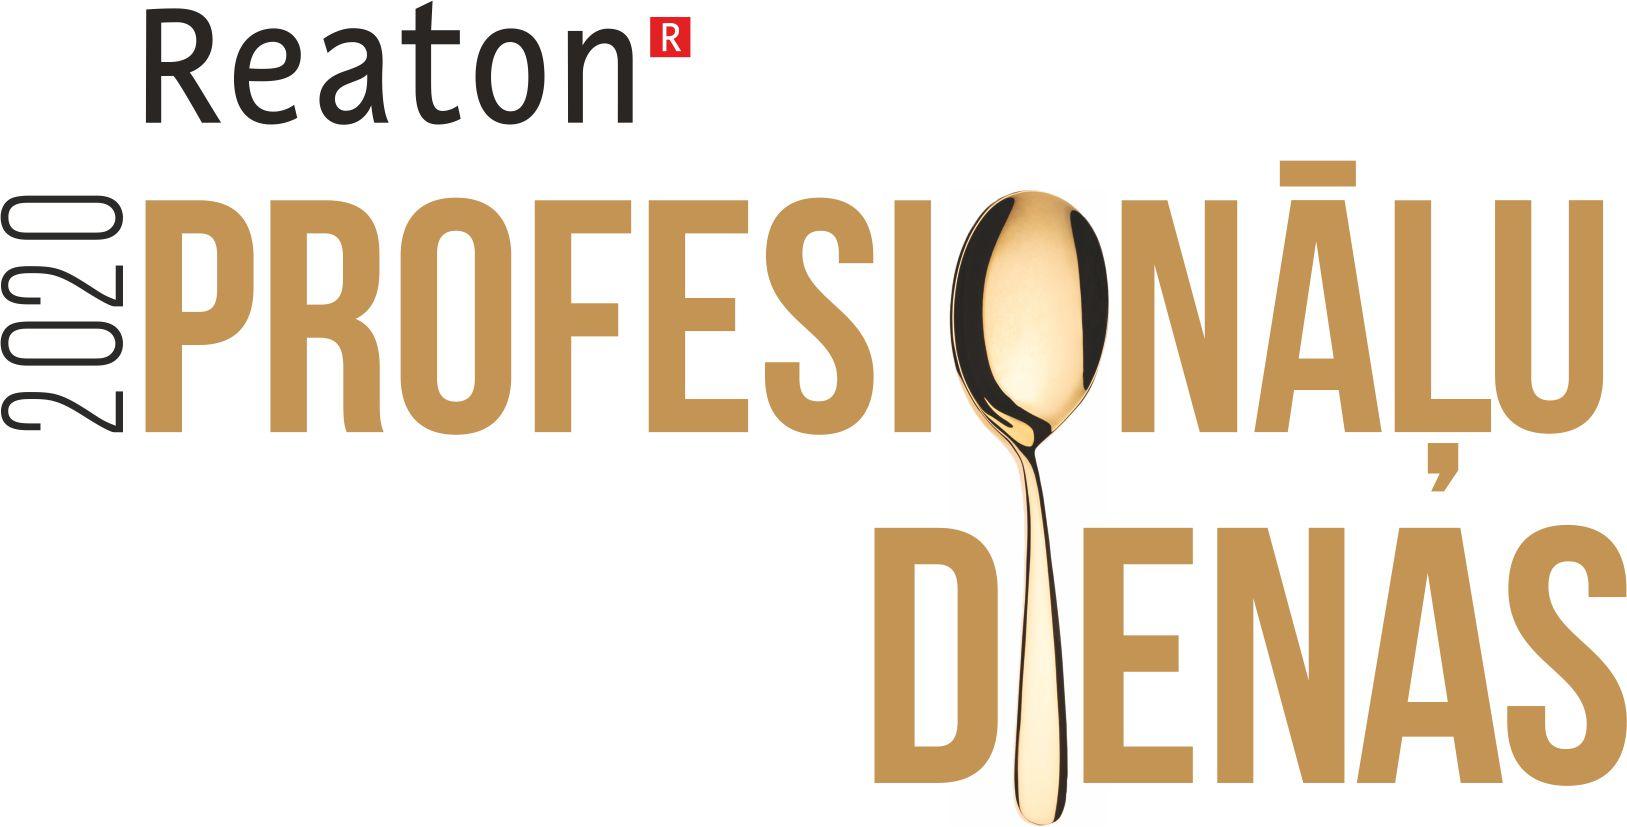 Reaton Profesionāļu dienas